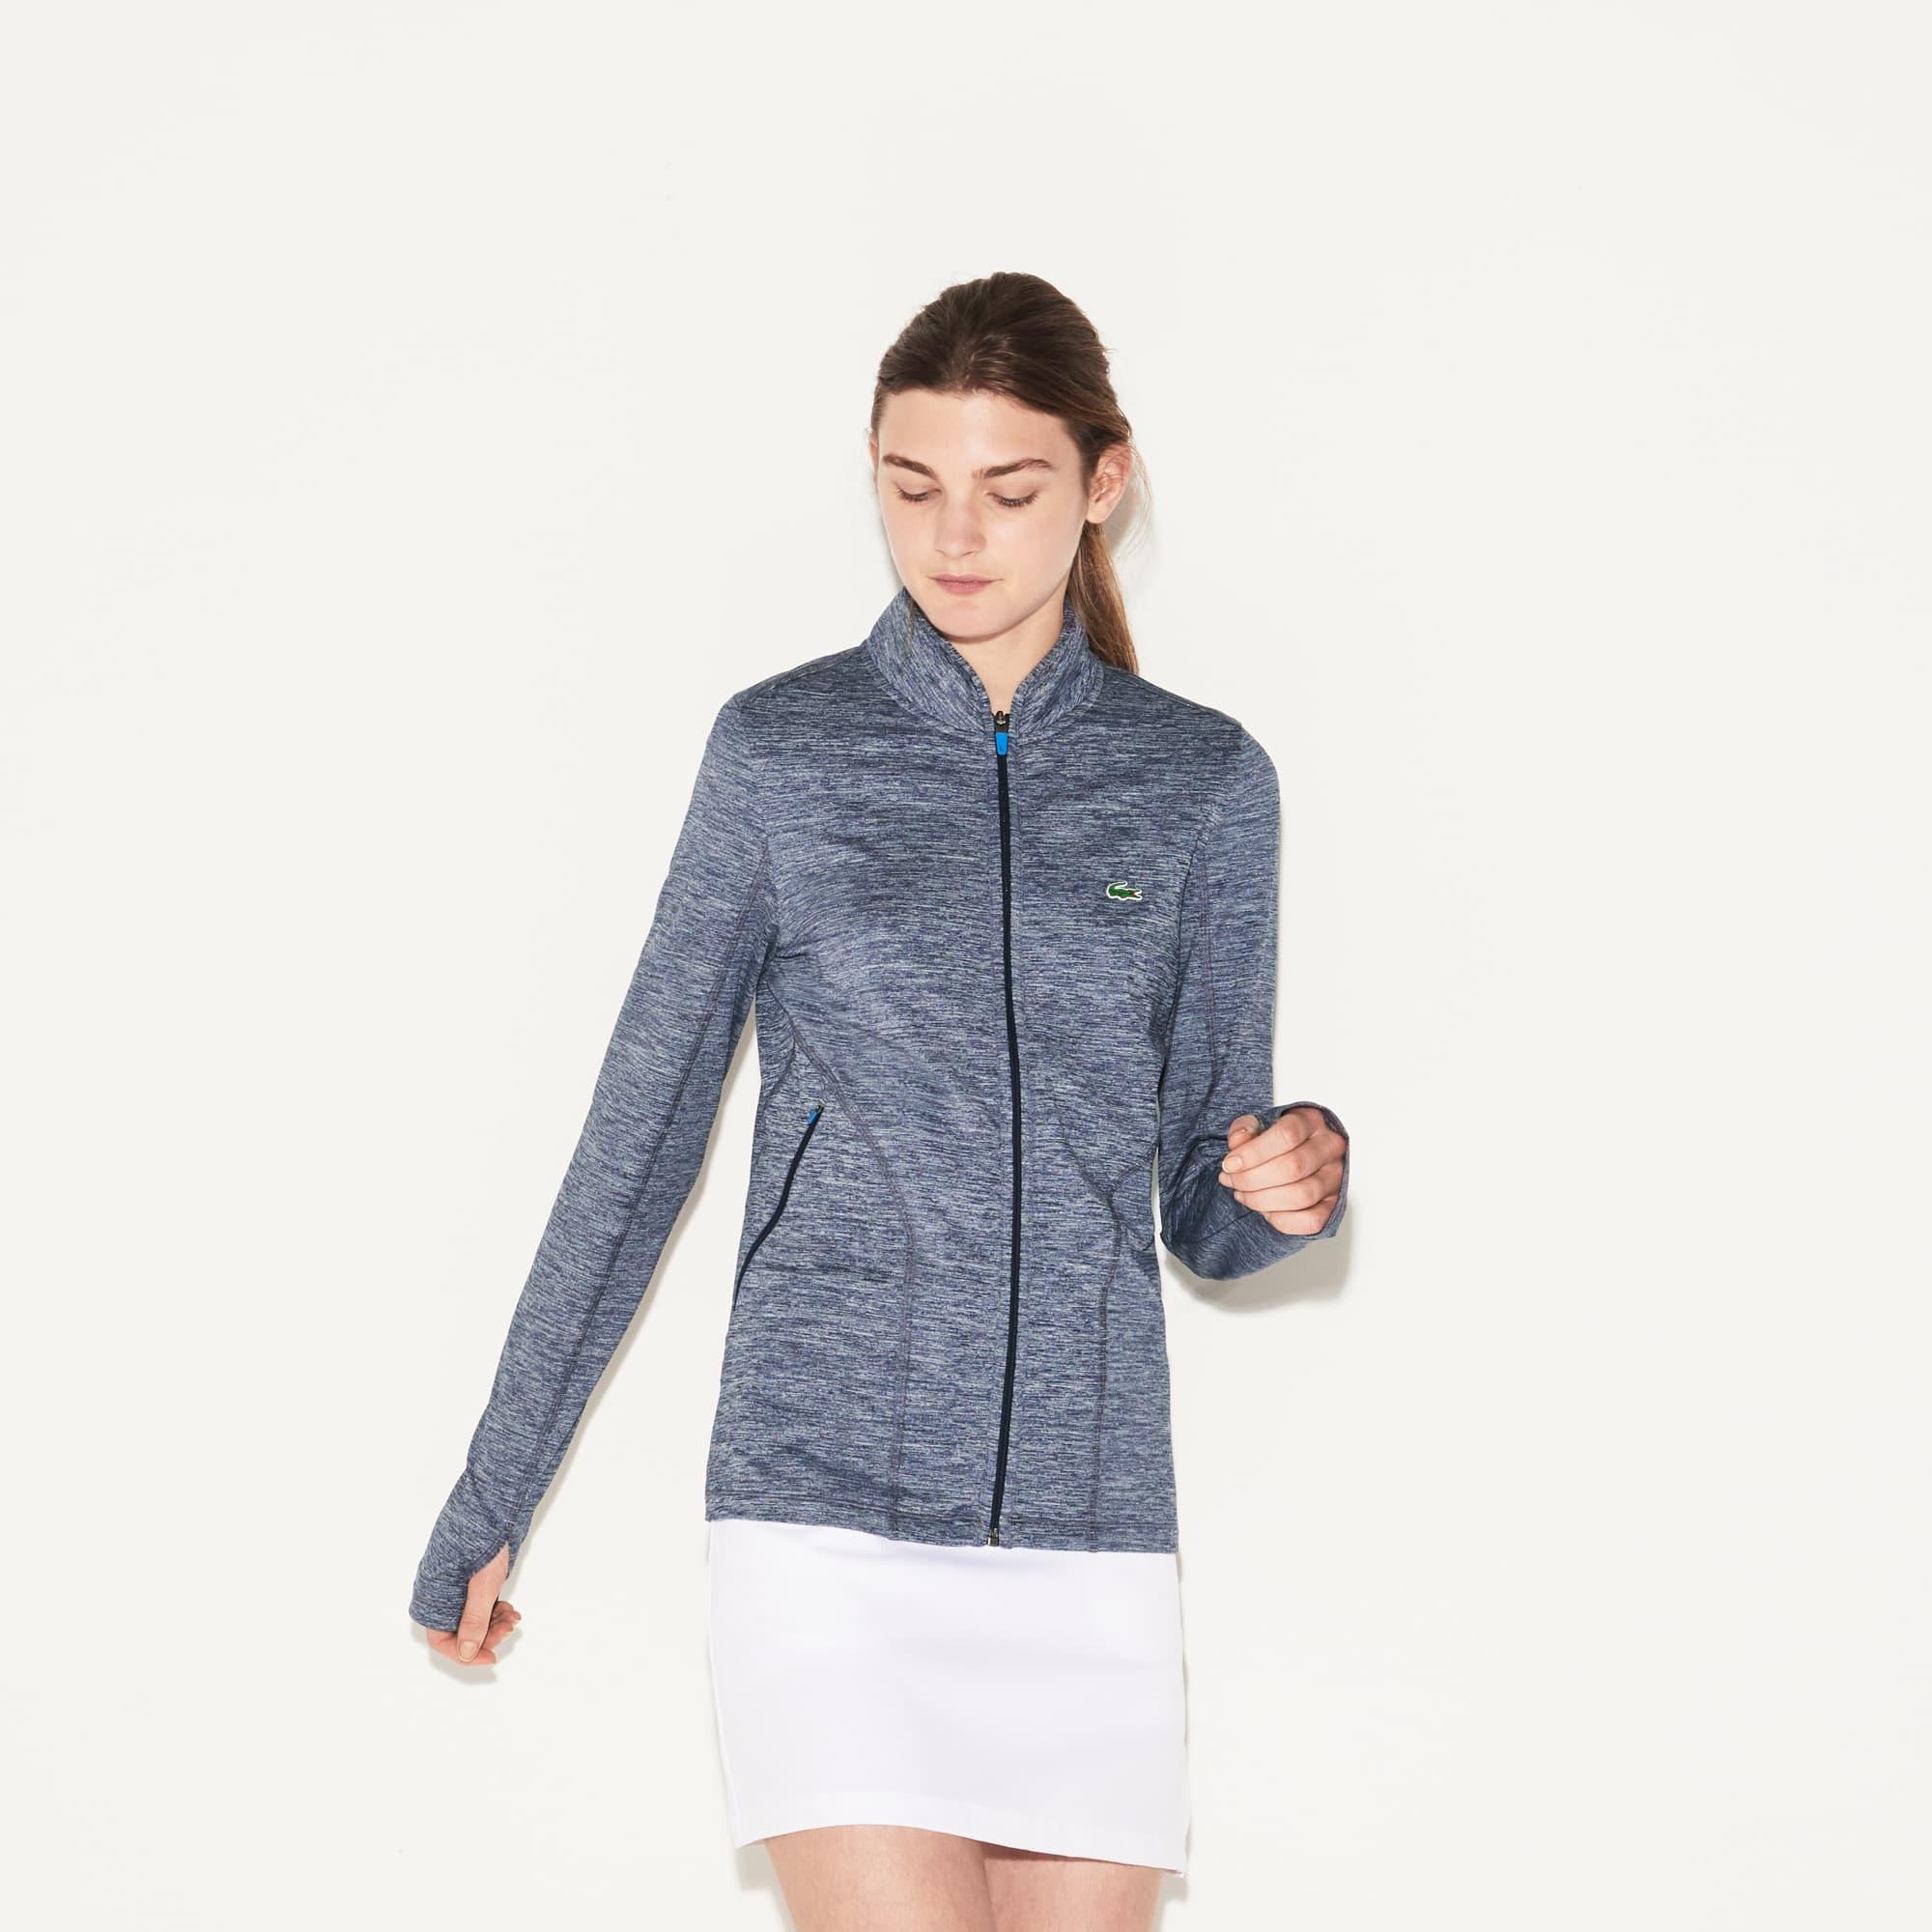 Sweatshirt zippé Lacoste SPORT Golf femmes en midlayer technique étirable